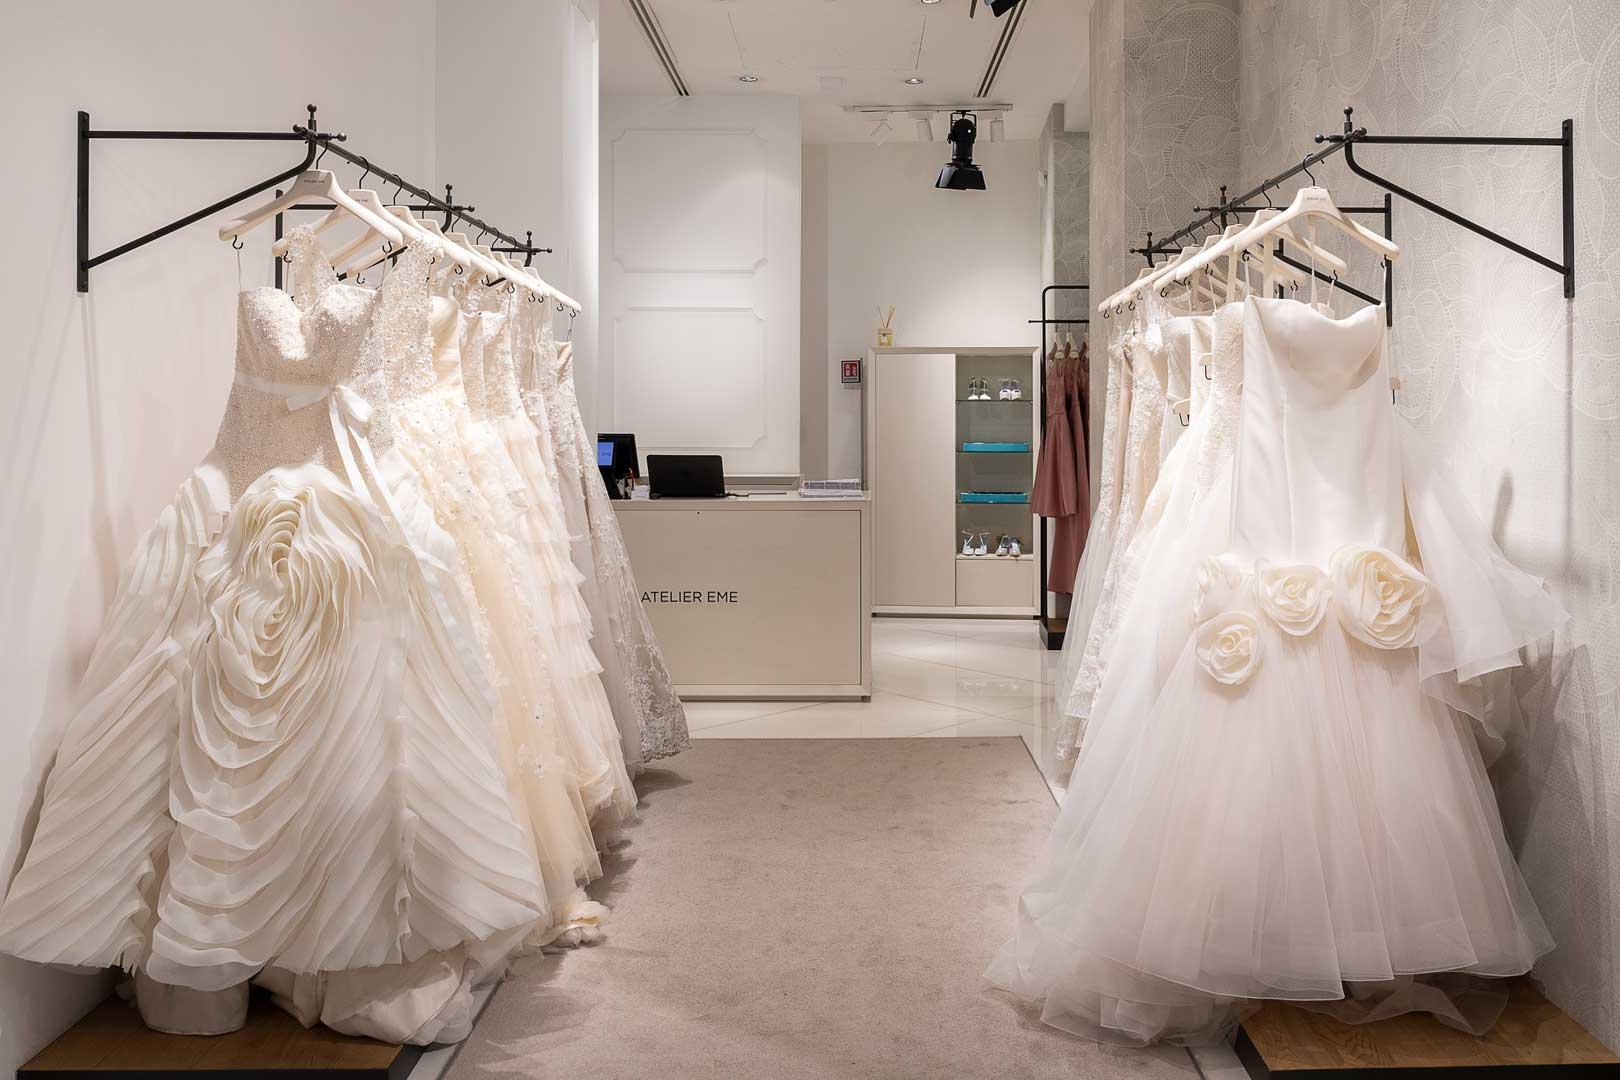 La Nuova Collezione Sposa 2019 di Atelier Emé - Milano